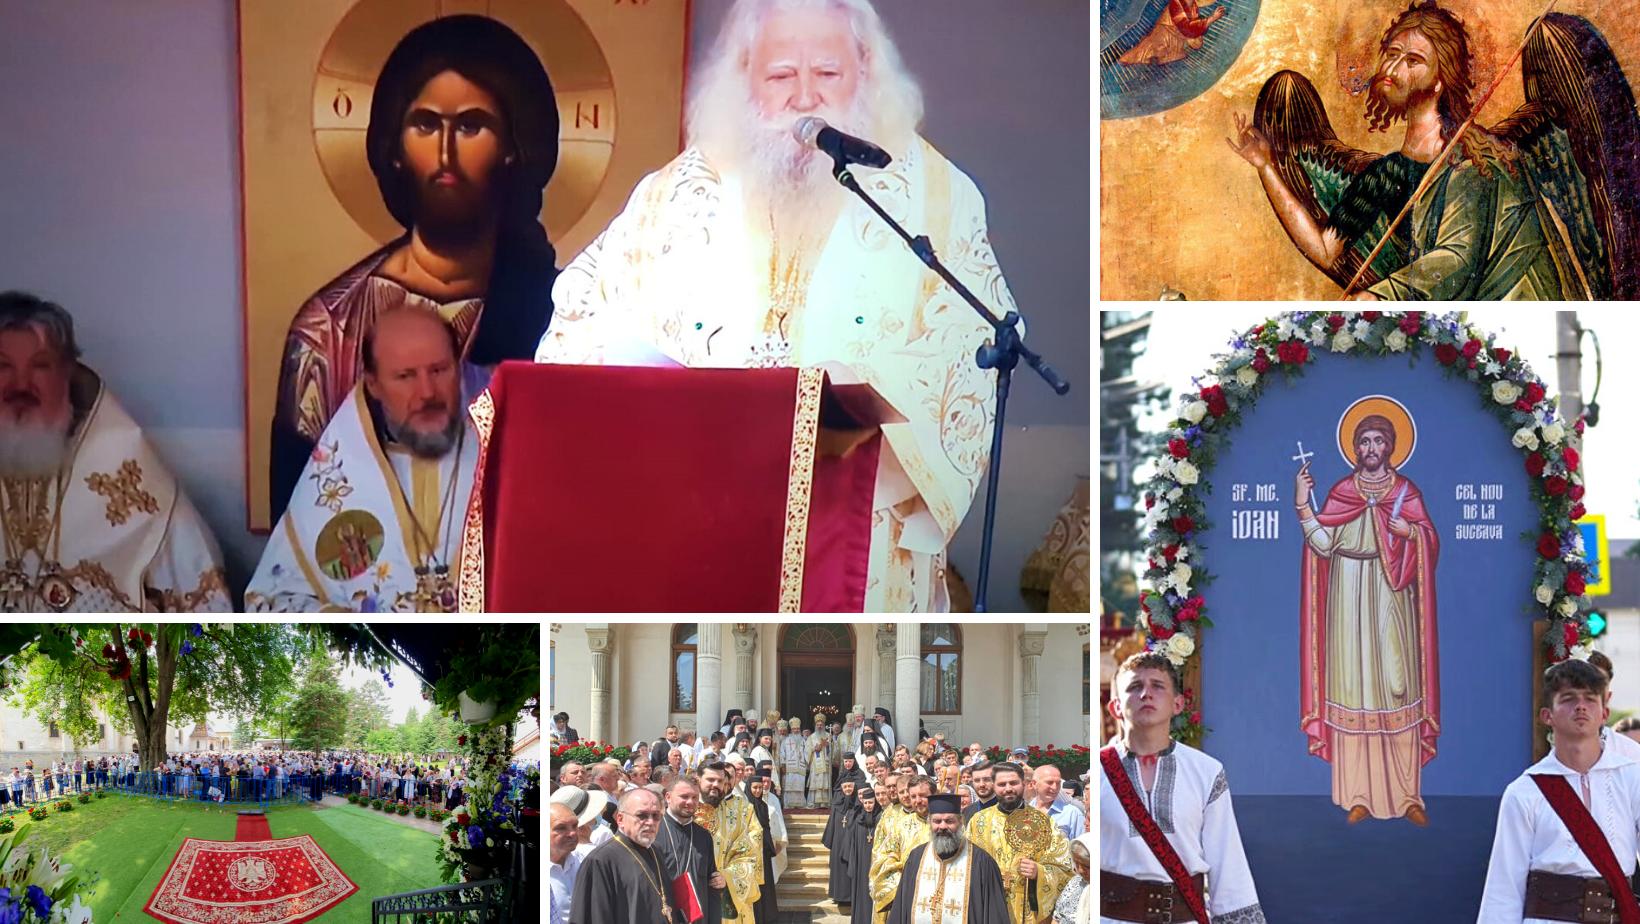 Sfinții Ioan Botezătorul și Ioan cel Nou de la Suceava, prăznuiți în Cetatea Sucevei și Rădăuților în prezența mai multor Ierarhi